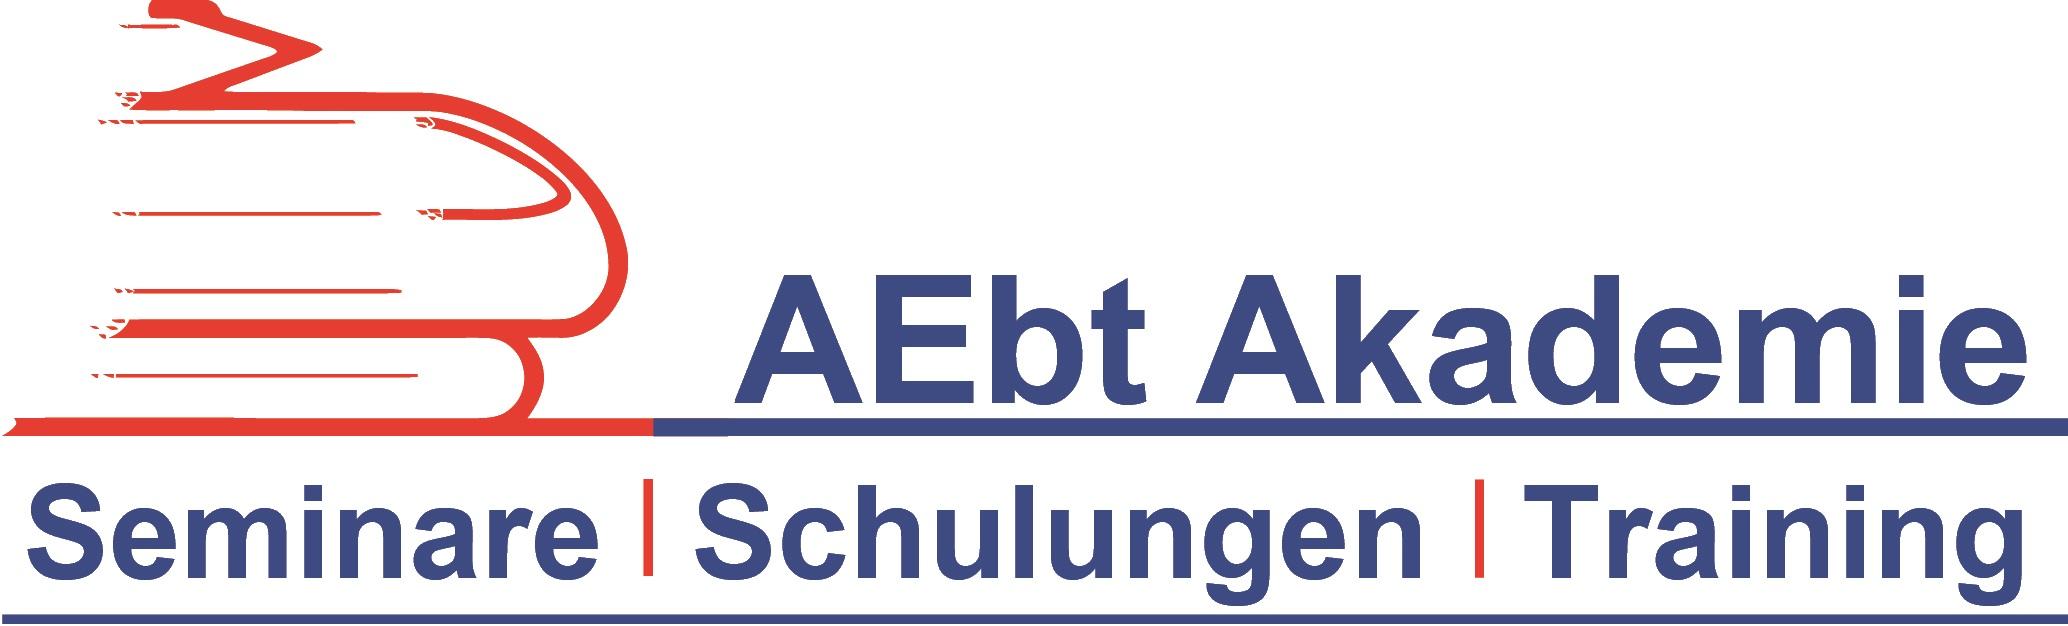 AEbt Akademie